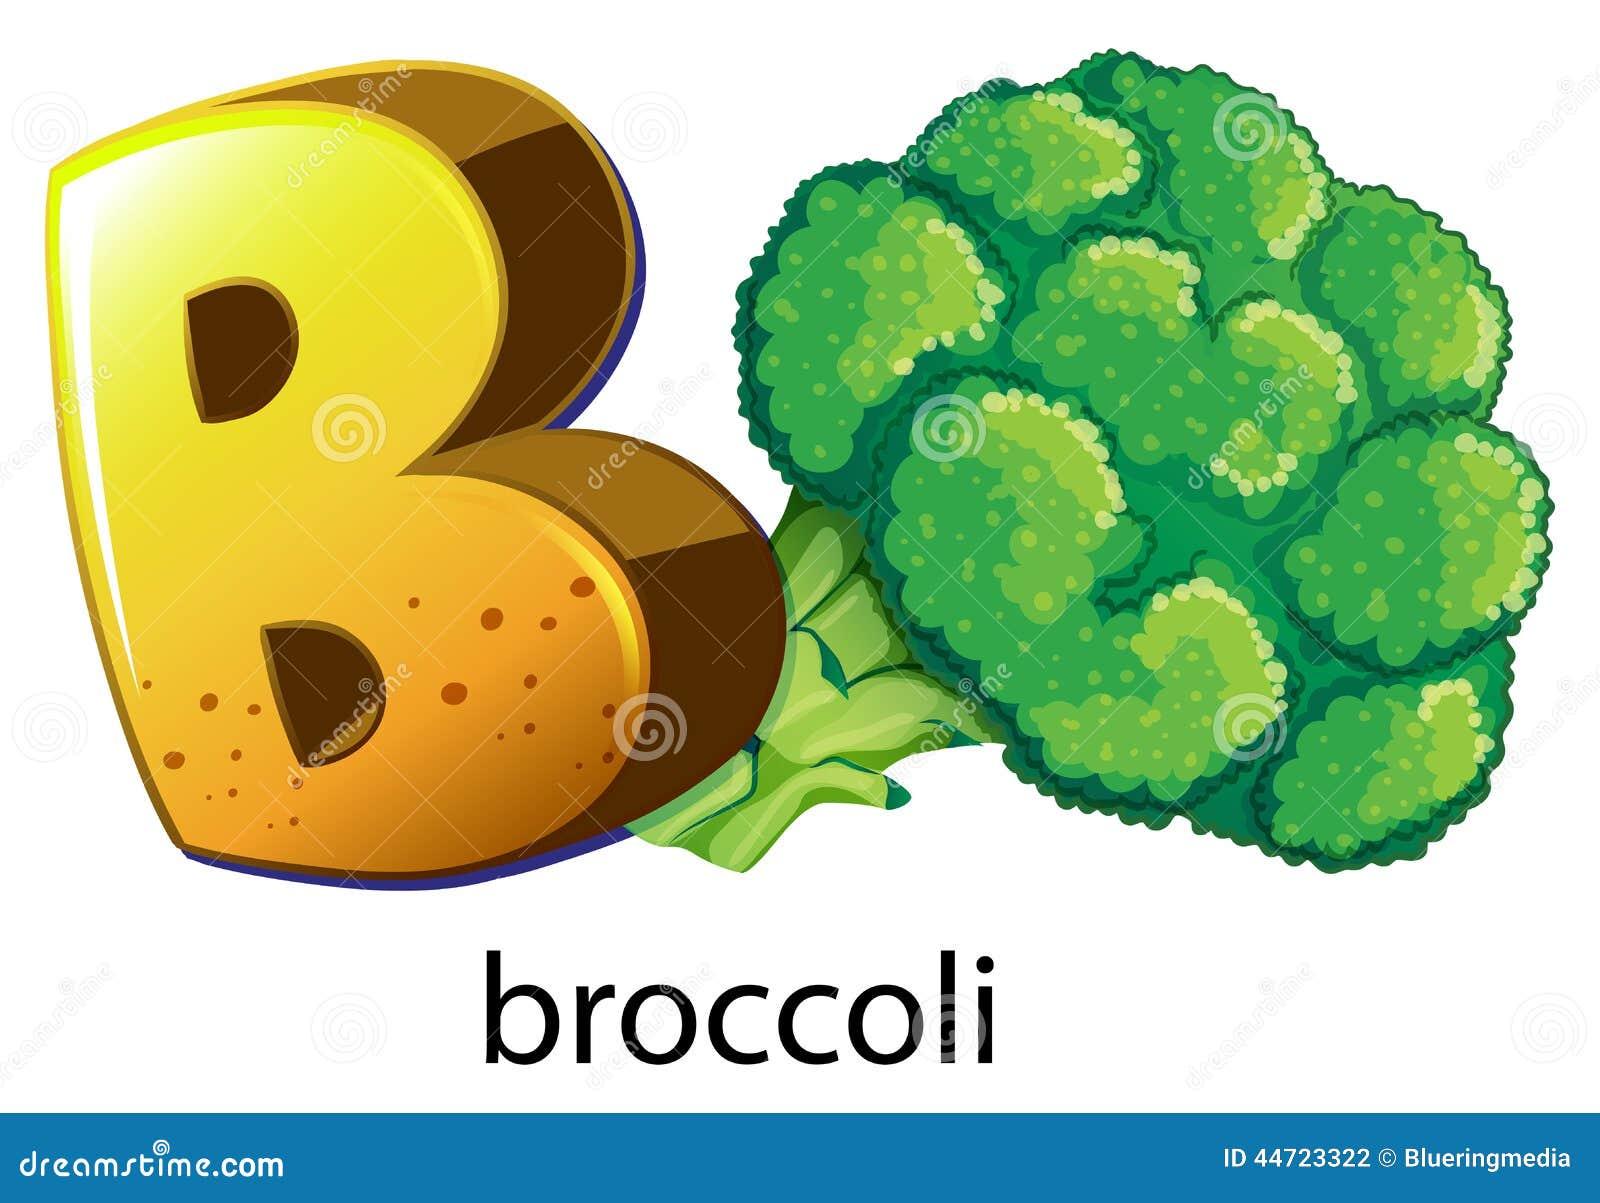 Una letra b para el brocolli ilustraci n del vector for Cosas del bano con b